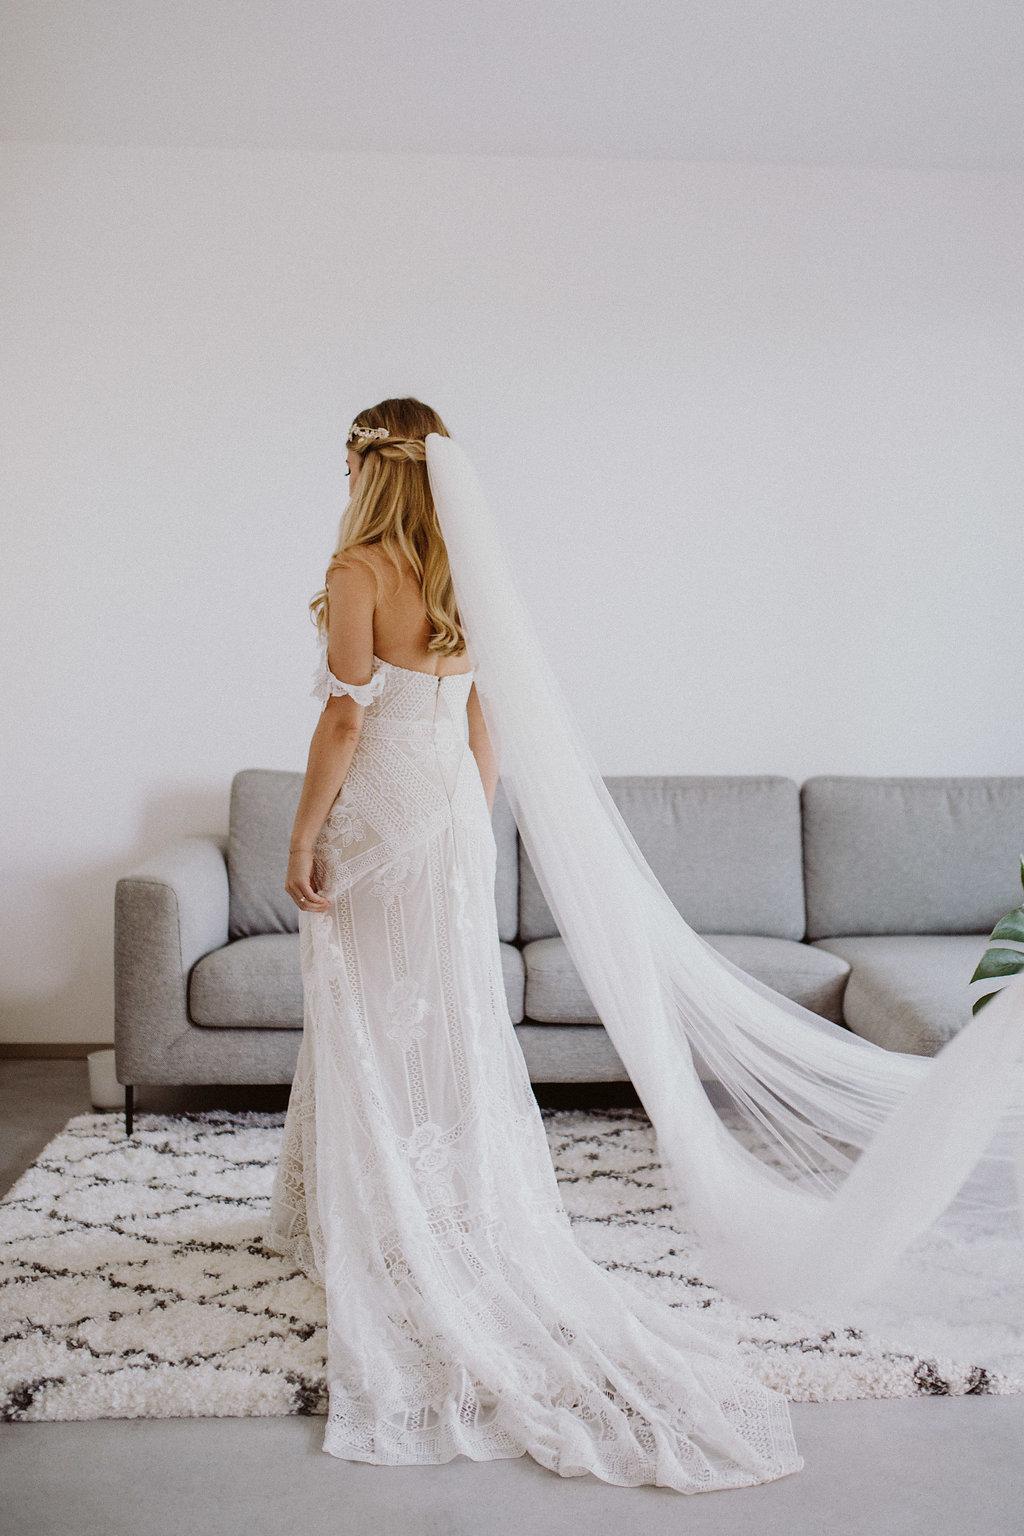 Brautkleid gebraucht kaufen - Designer Brautkleid günstig kaufen ...